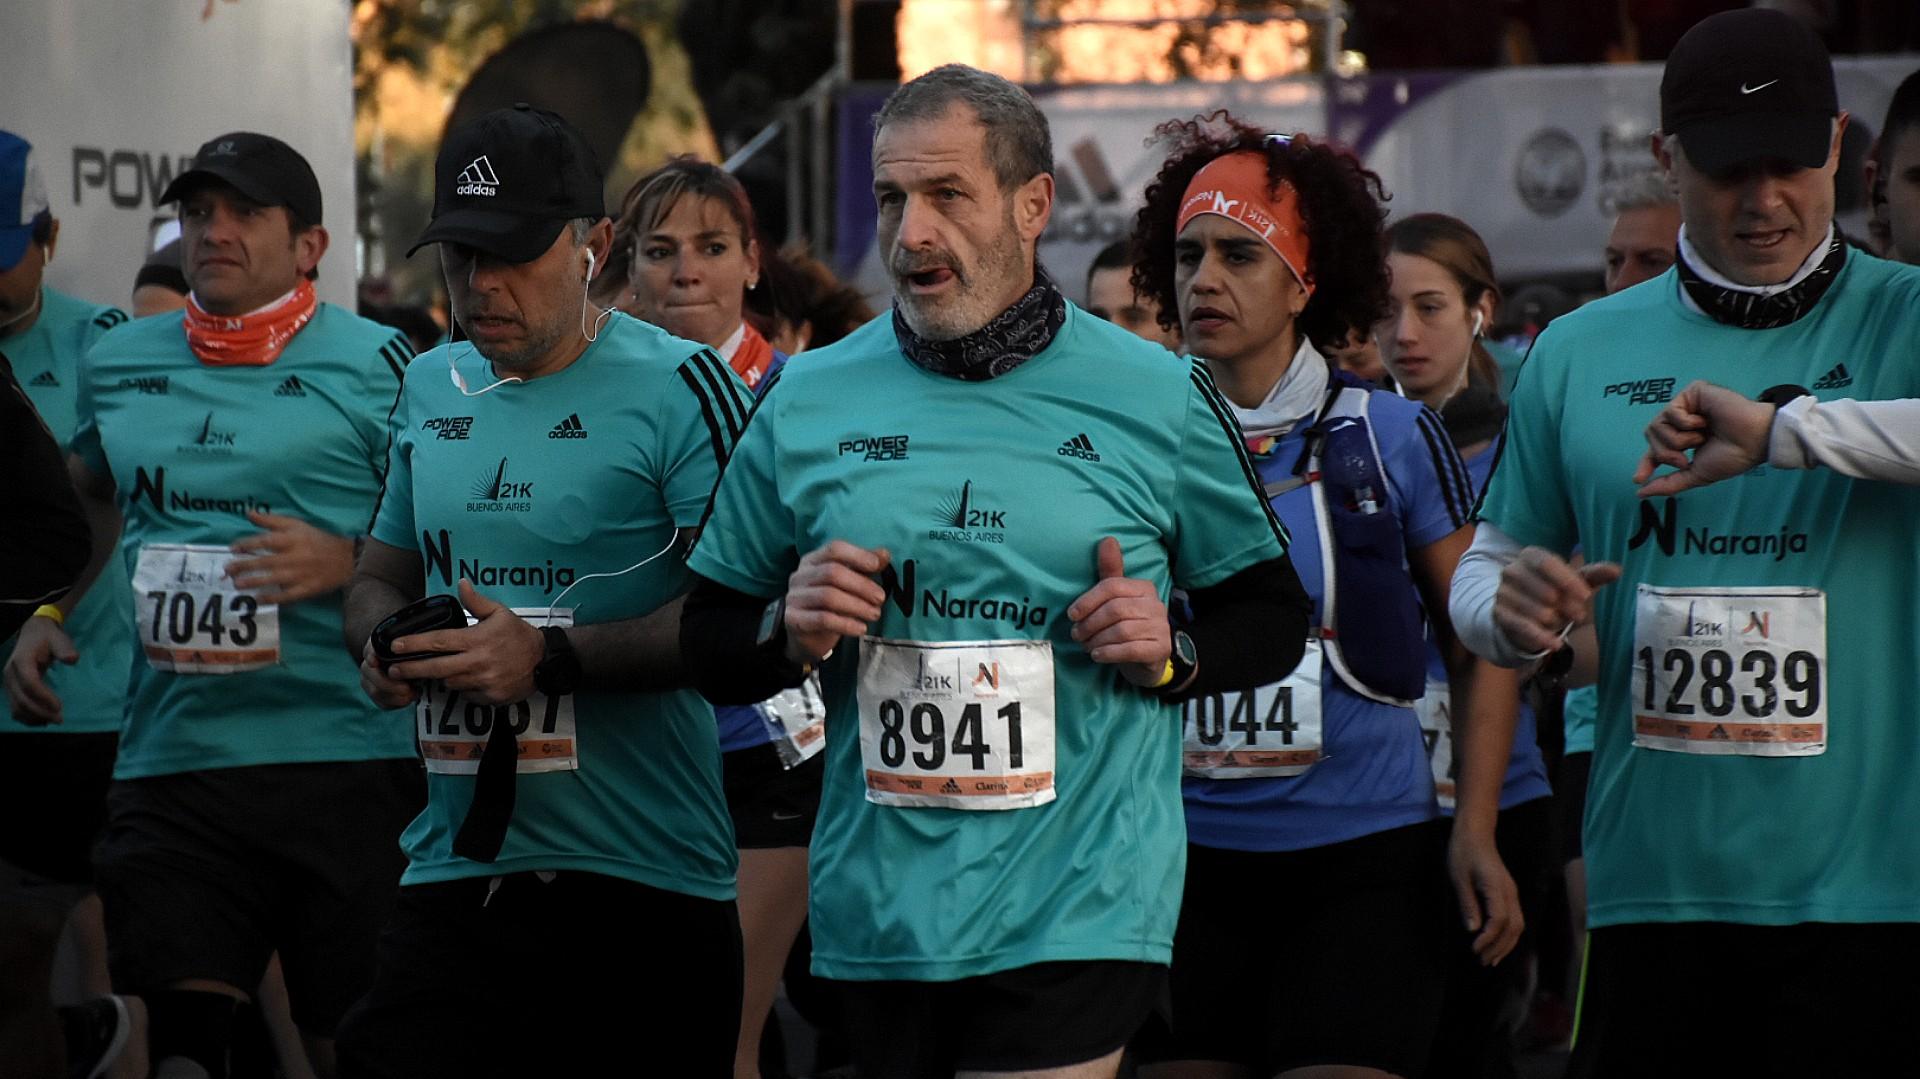 Los primeros corredores profesionales comienzan a salir pasadas las 7.30 am. Algunos muy concentrados, con auriculares y cronómetros